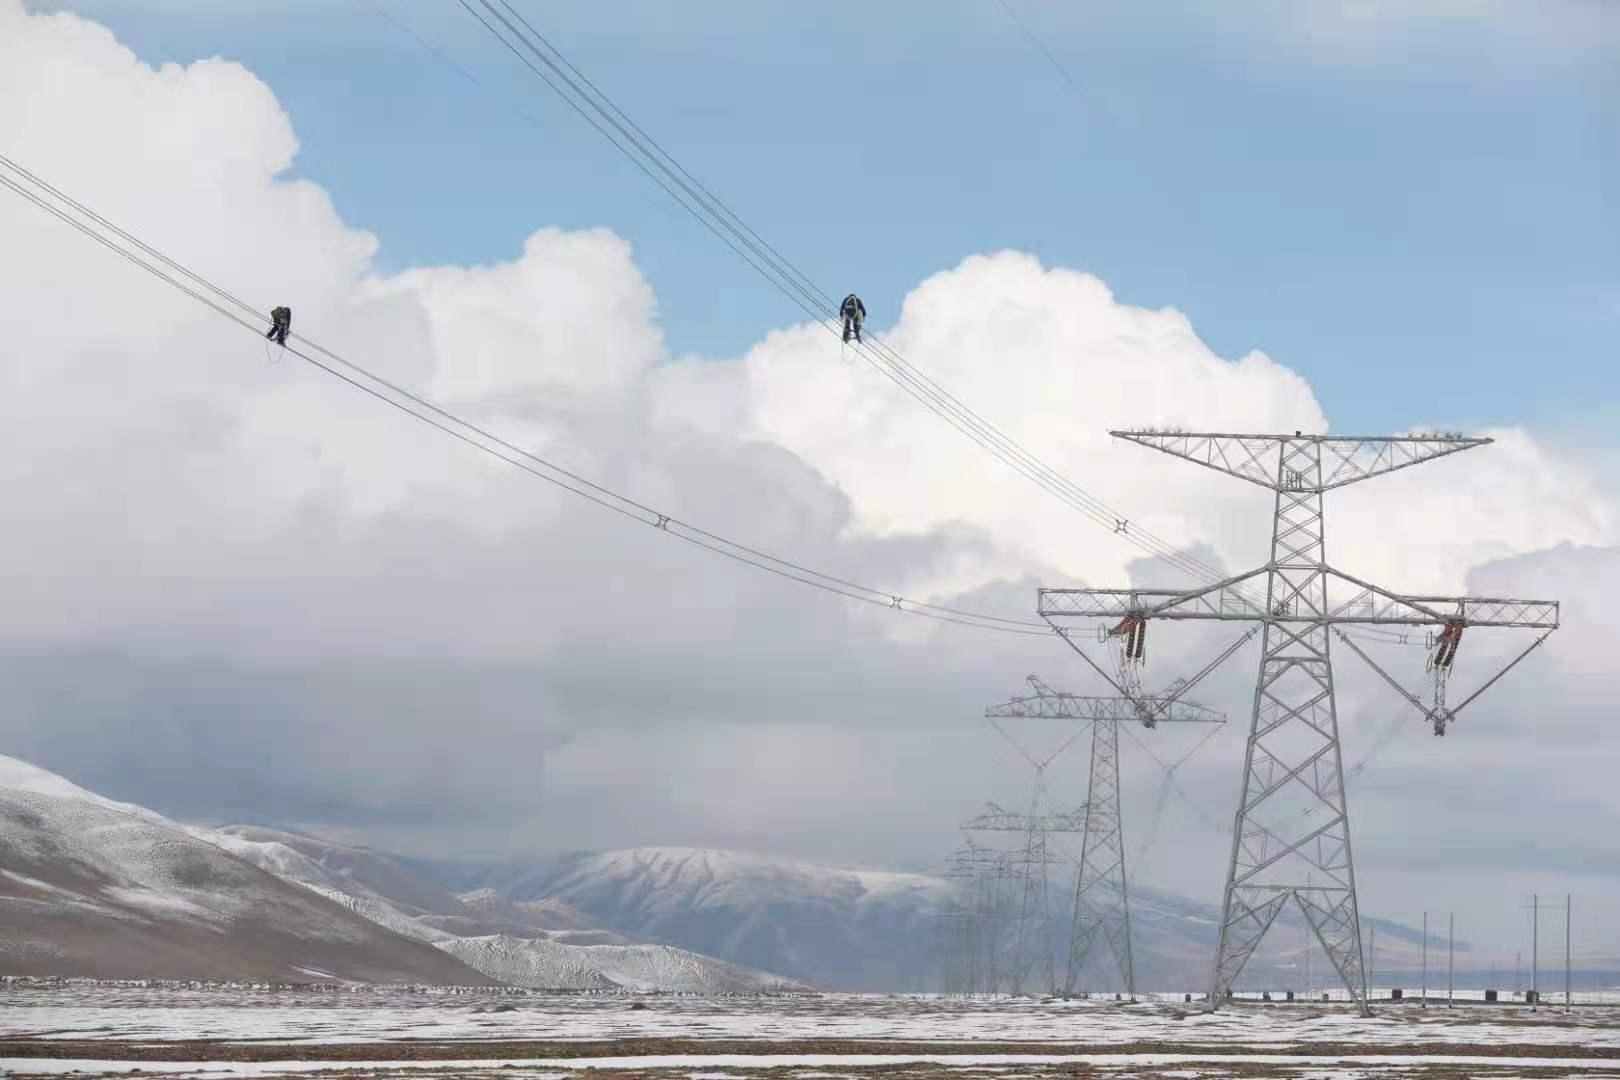 """第十次年度检修任务完成 """"电力天路""""青藏联网工程清洁能源输送能力稳步提升"""